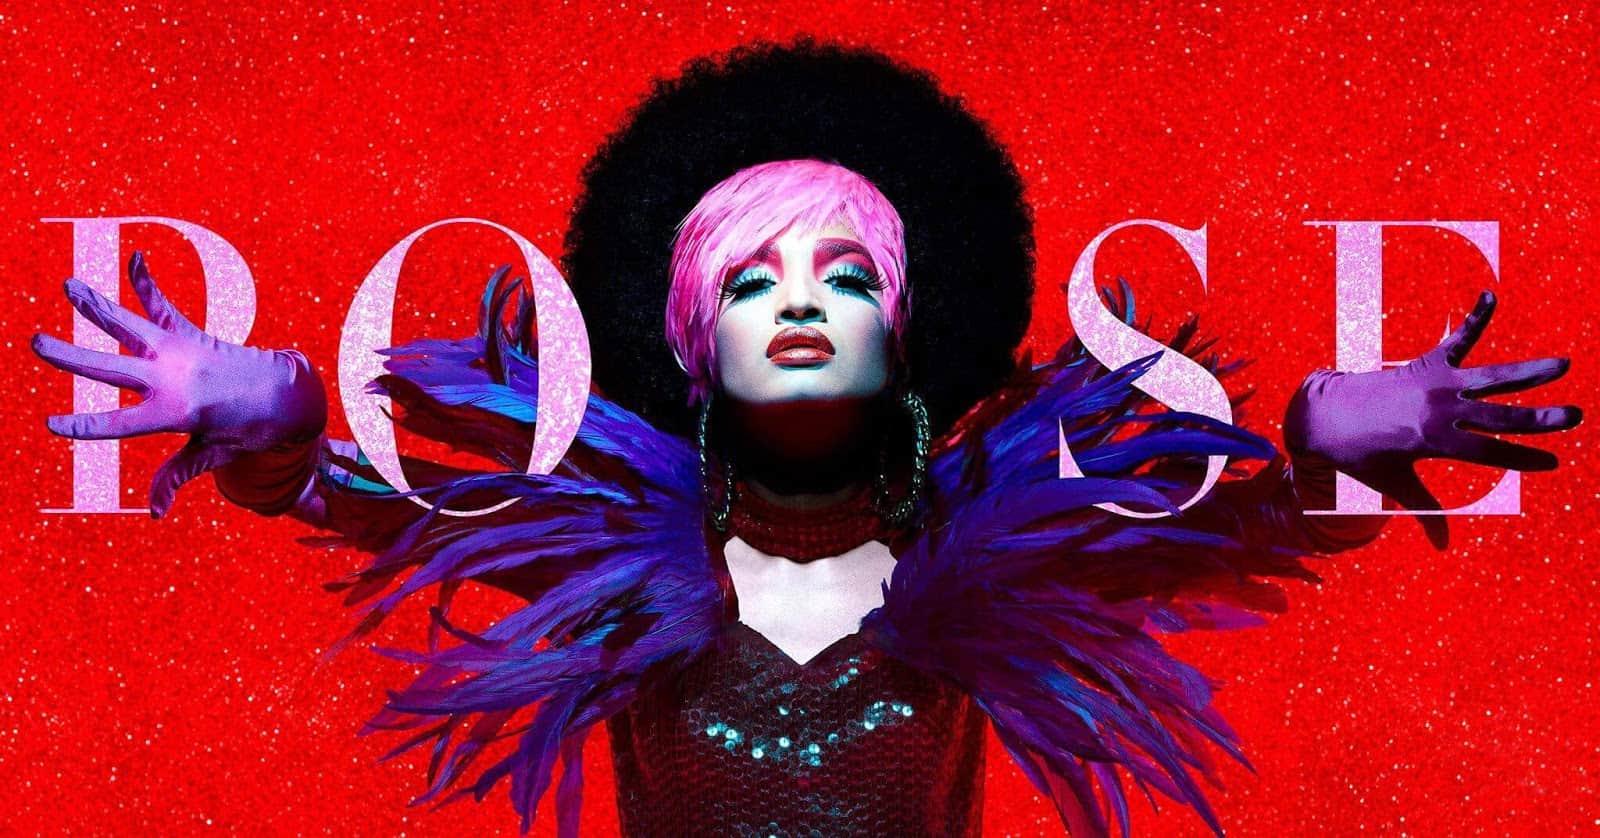 pose-banner-fx-poster.jpg